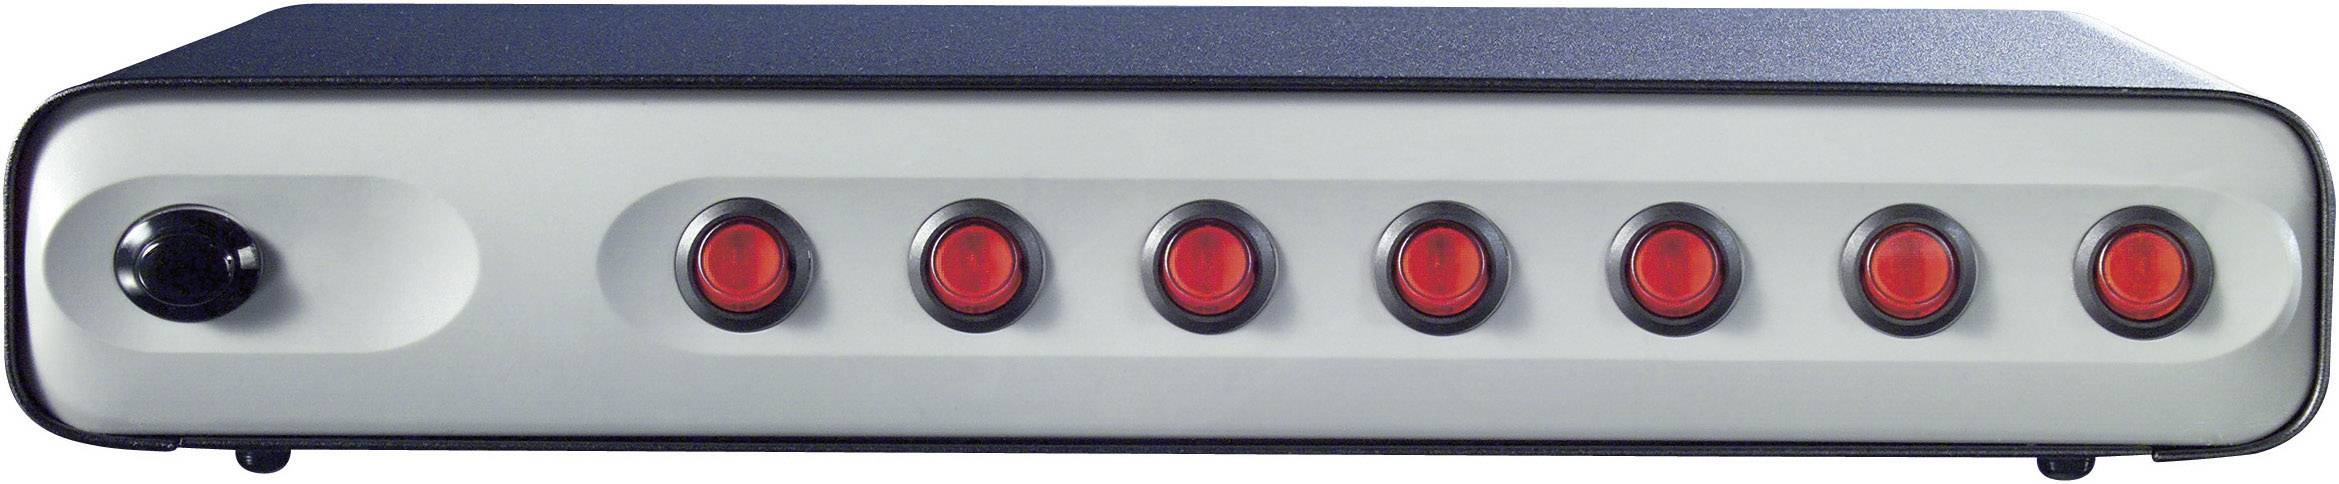 Zásuvková lišta s vypínačom, počet zásuviek 7 Boos RC7 998662, 1.50 m, sivá, čierna